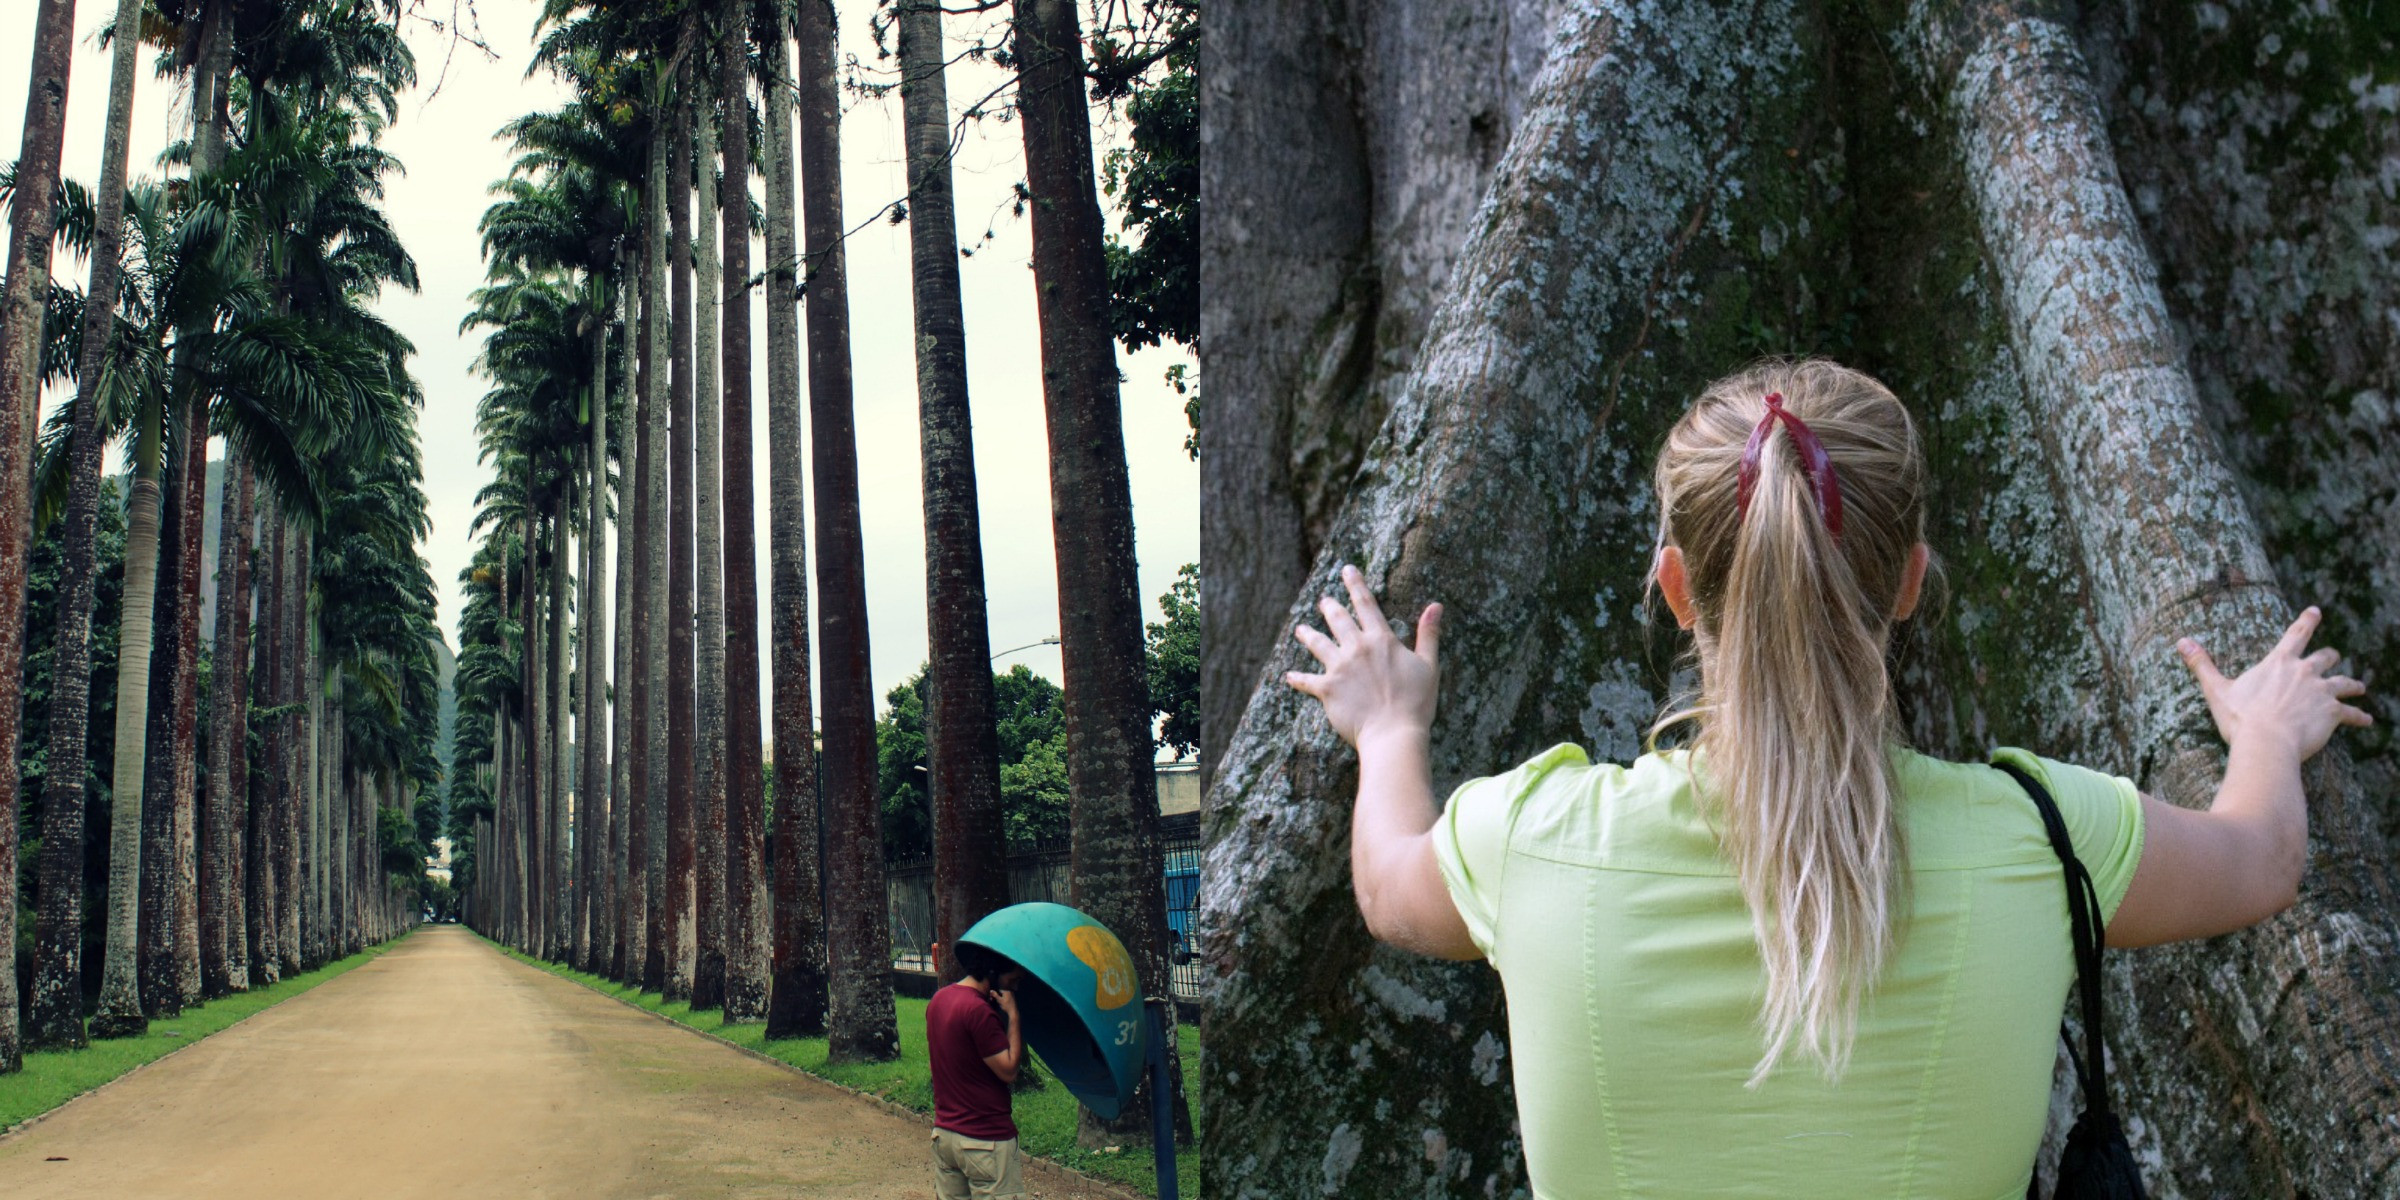 Palmeras imperiales de la Aleia Cándido Baptista y ceiba pentandra, la mayor del Jardim, conocida como el árbol de Tom Jobim